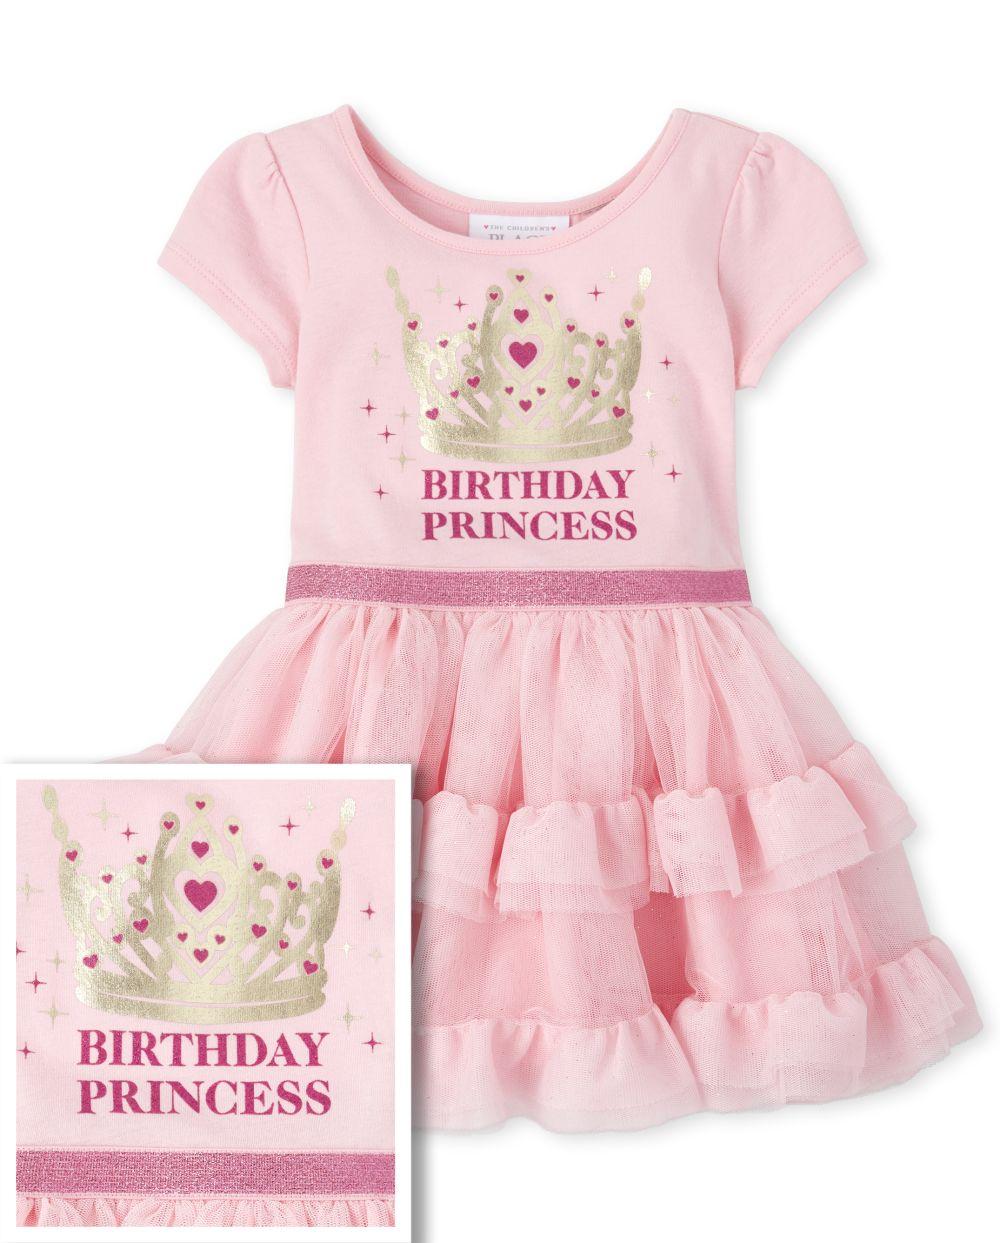 Vestido de tutú de princesa de cumpleaños de aluminio para niñas pequeñas y bebés